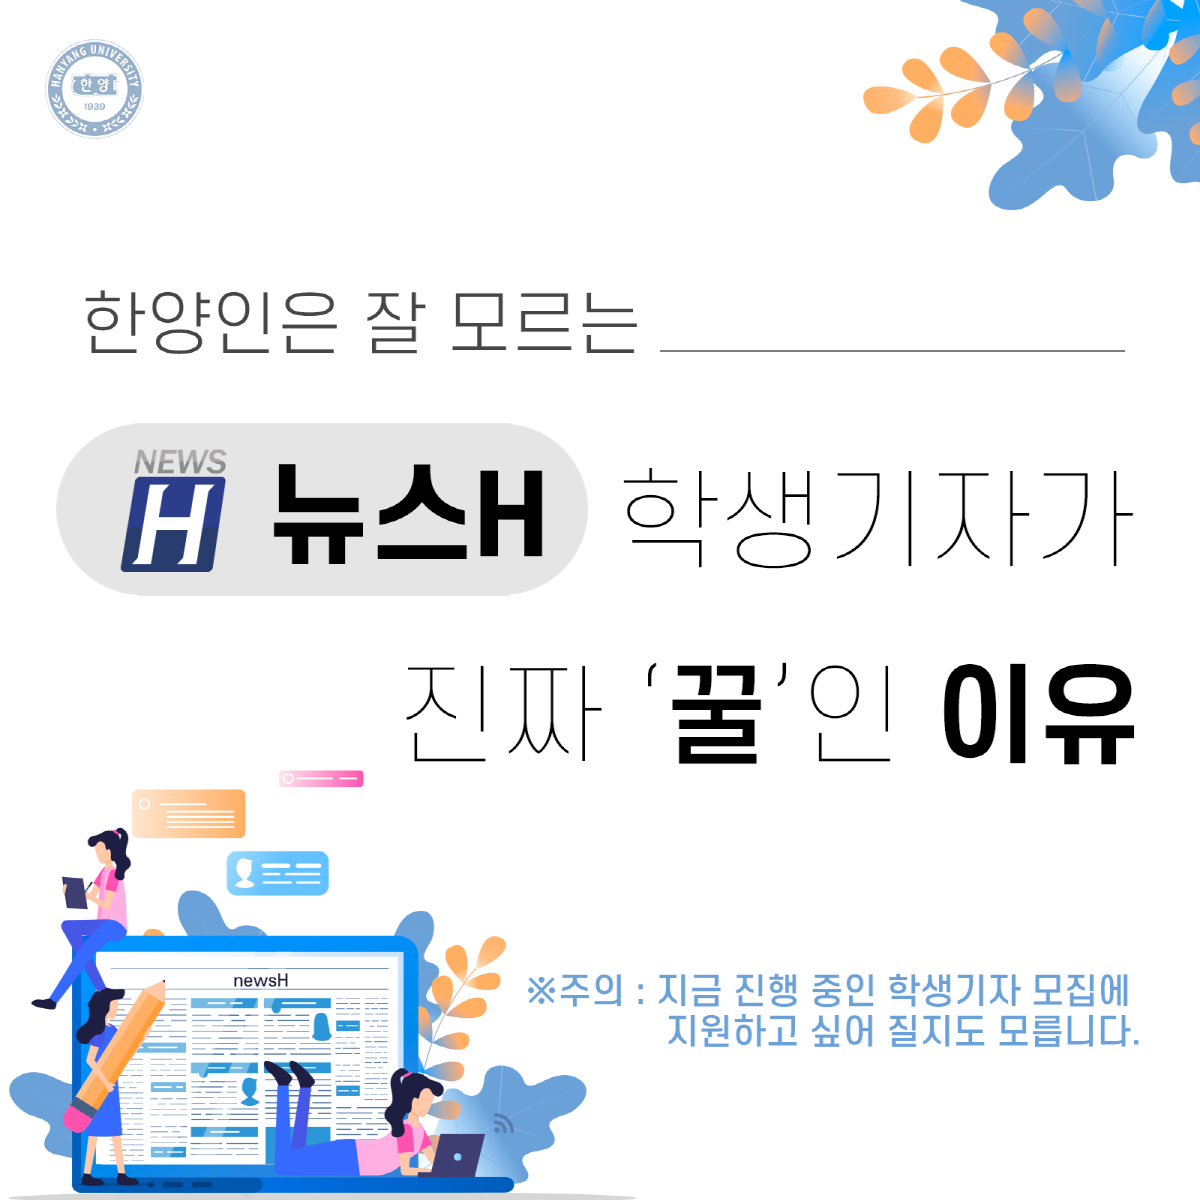 한양대 대표 뉴스 매체 '뉴스H'에 지원하세요!